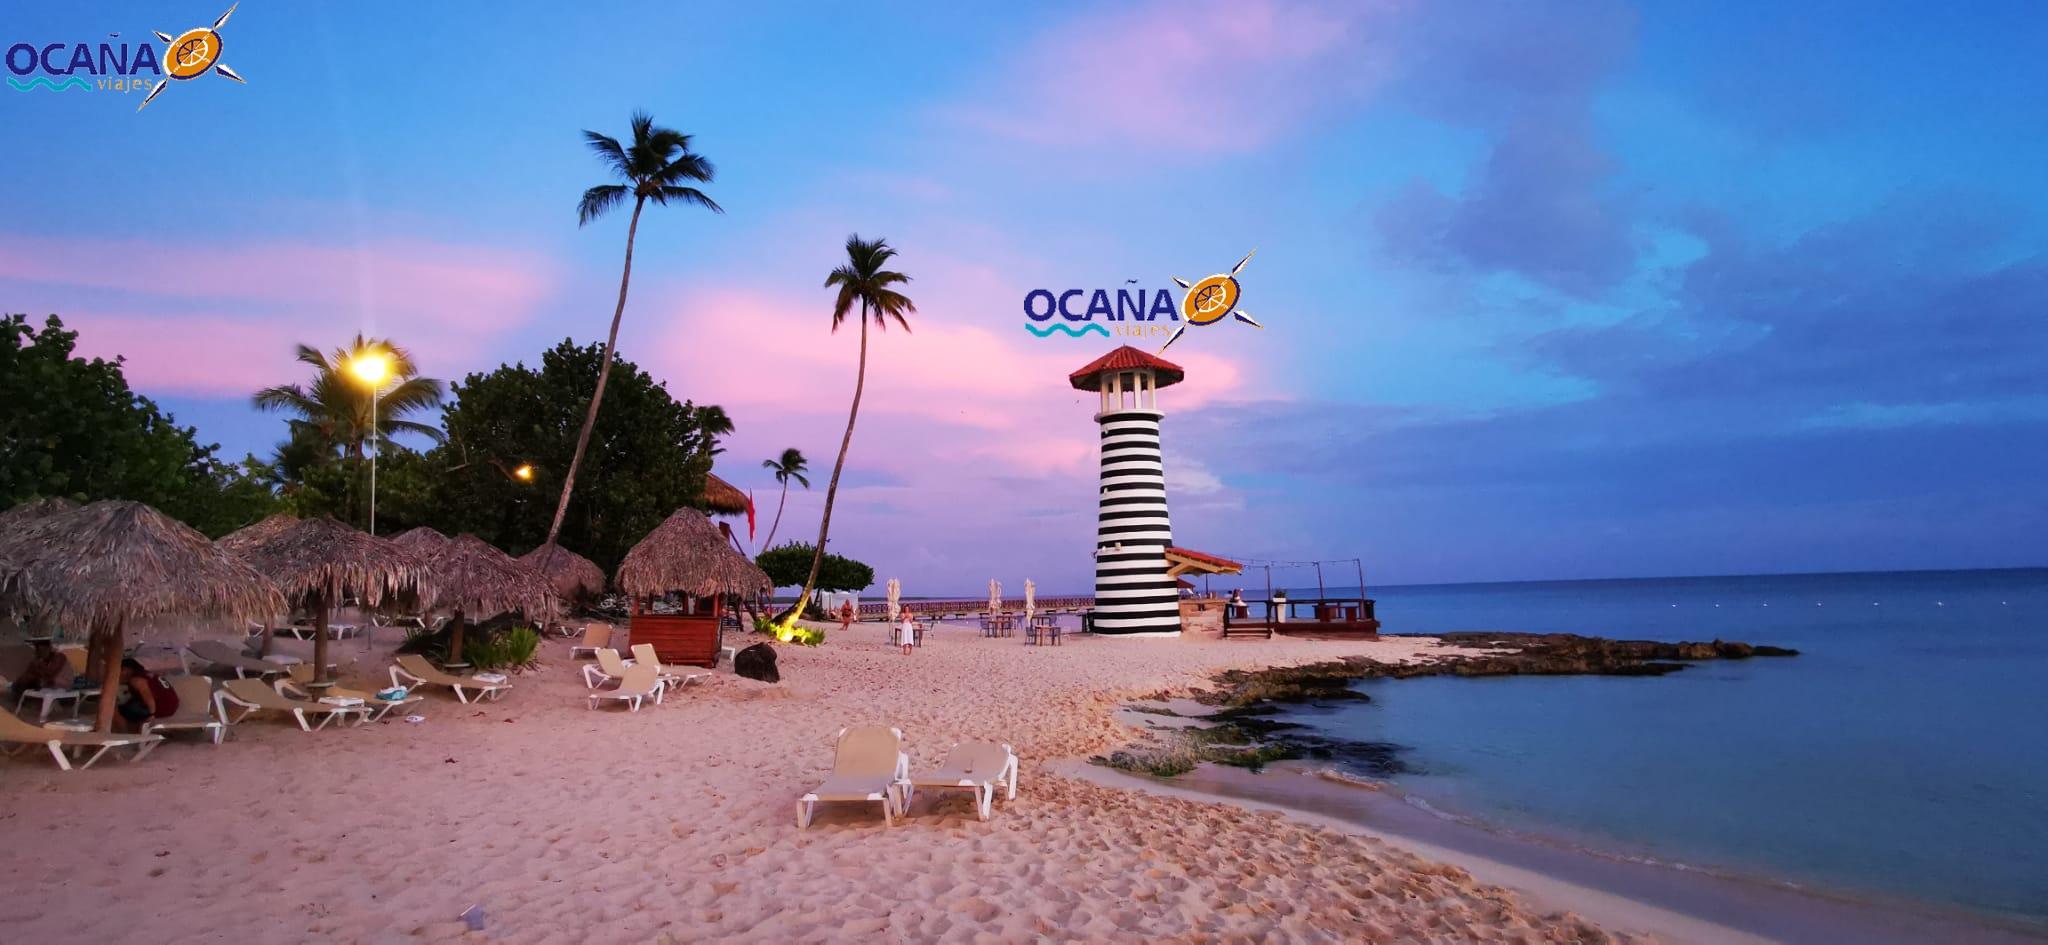 https://viajesocana.es/viajes/assets/upload/d5791.jpg